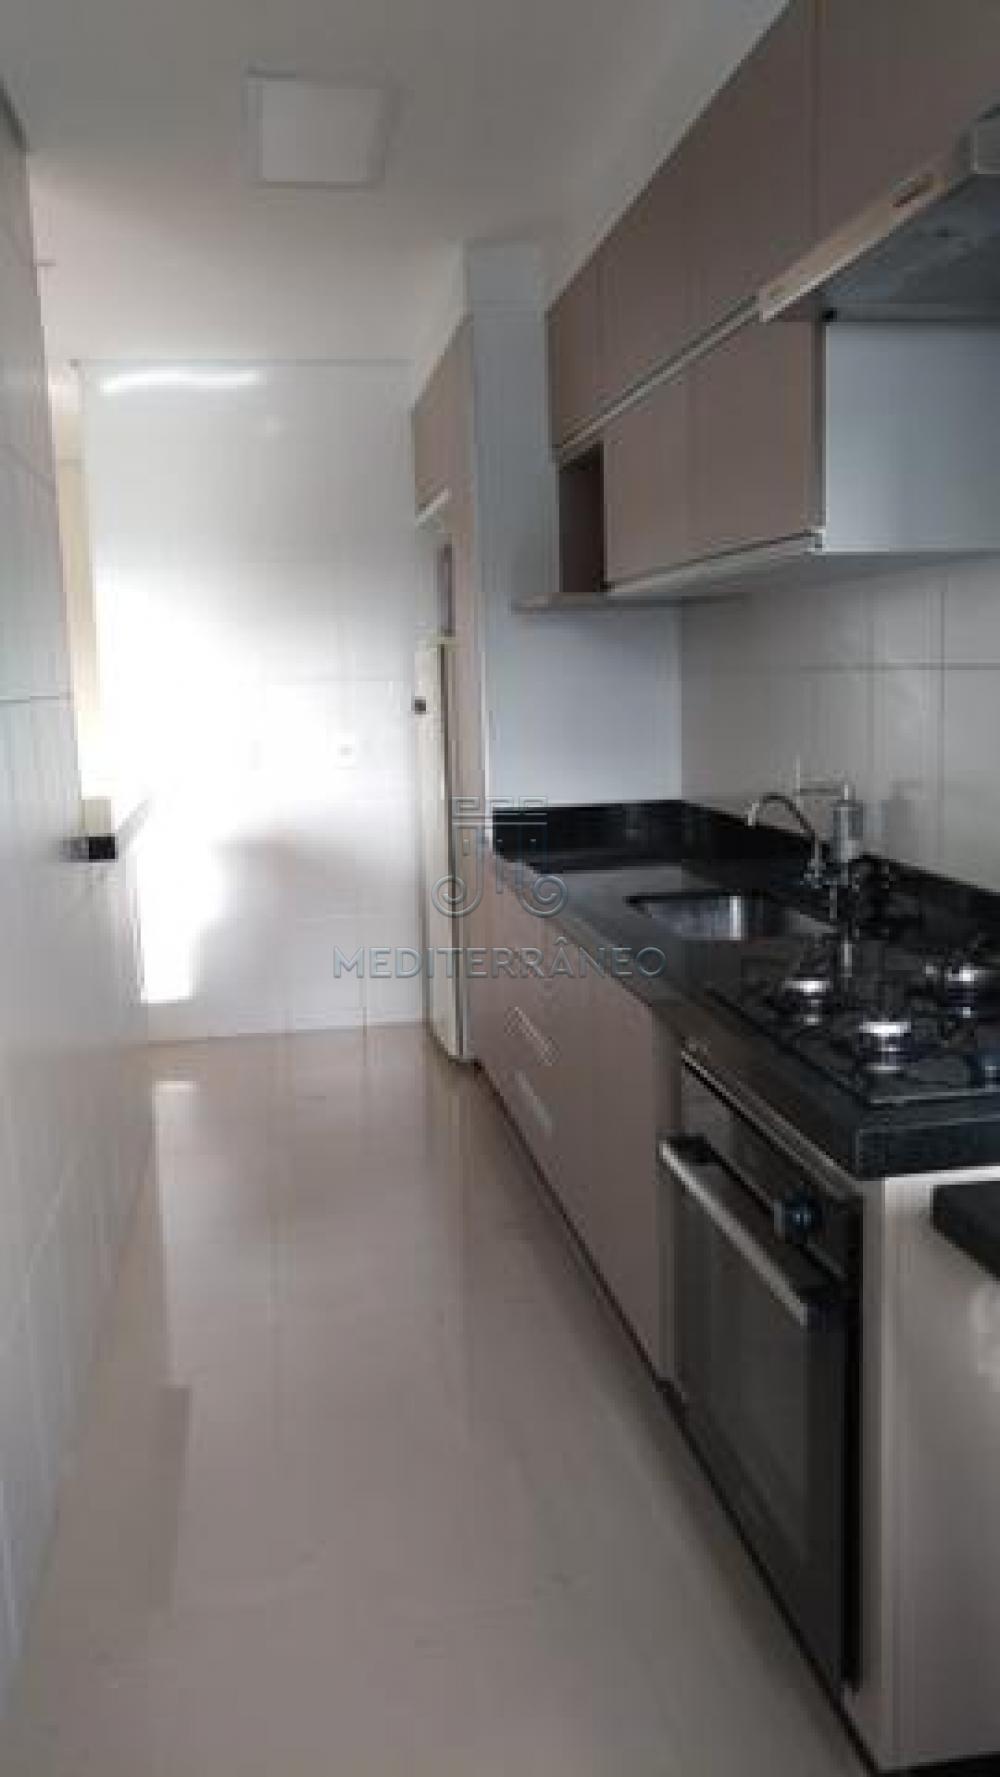 Alugar Apartamento / Padrão em Jundiaí apenas R$ 1.950,00 - Foto 10